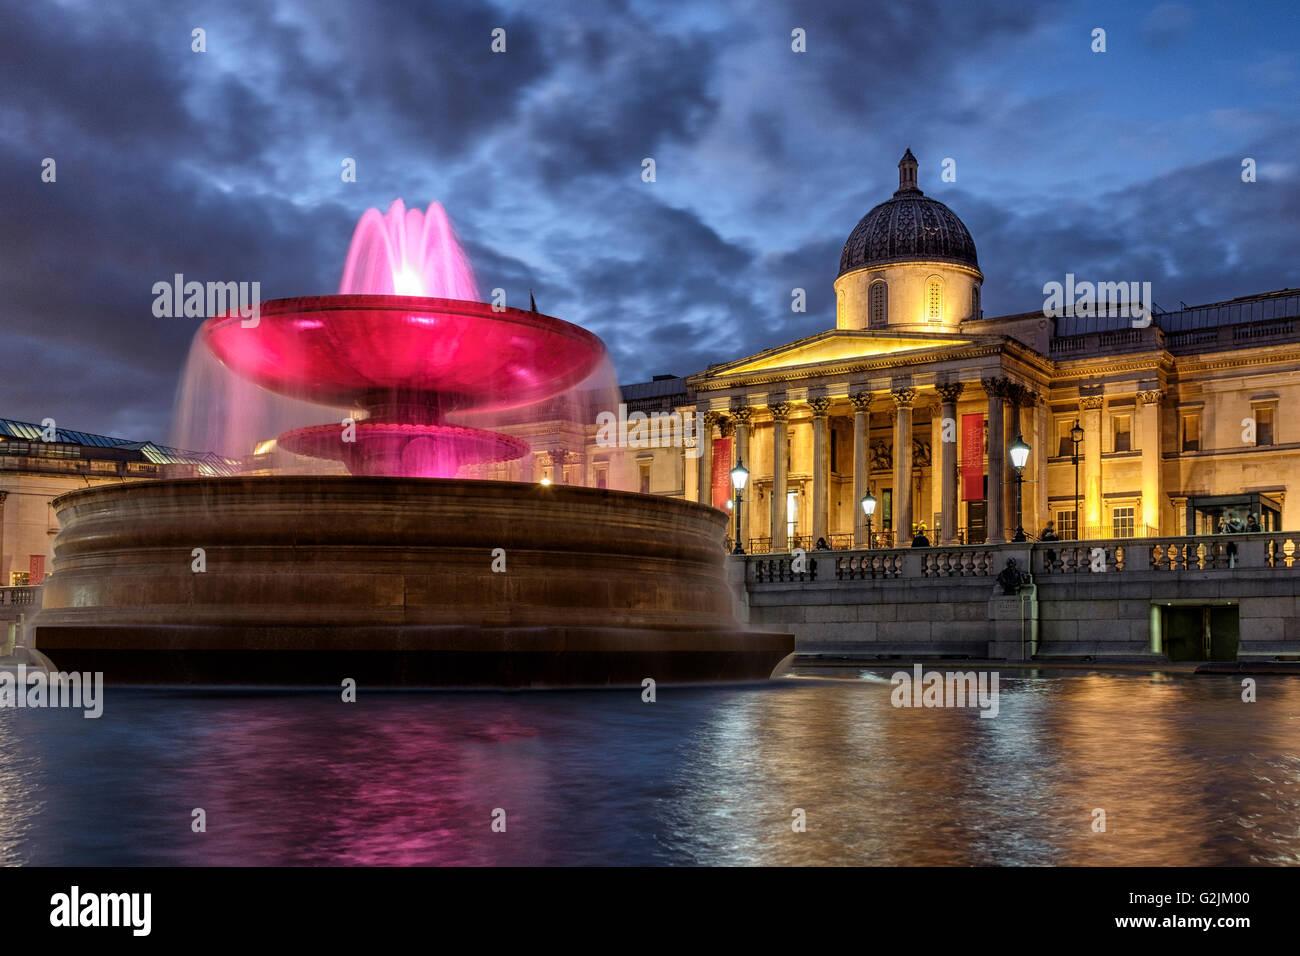 Fuente iluminada y la National Galleryat noche,Trafalgar Square, Londres, Inglaterra Imagen De Stock